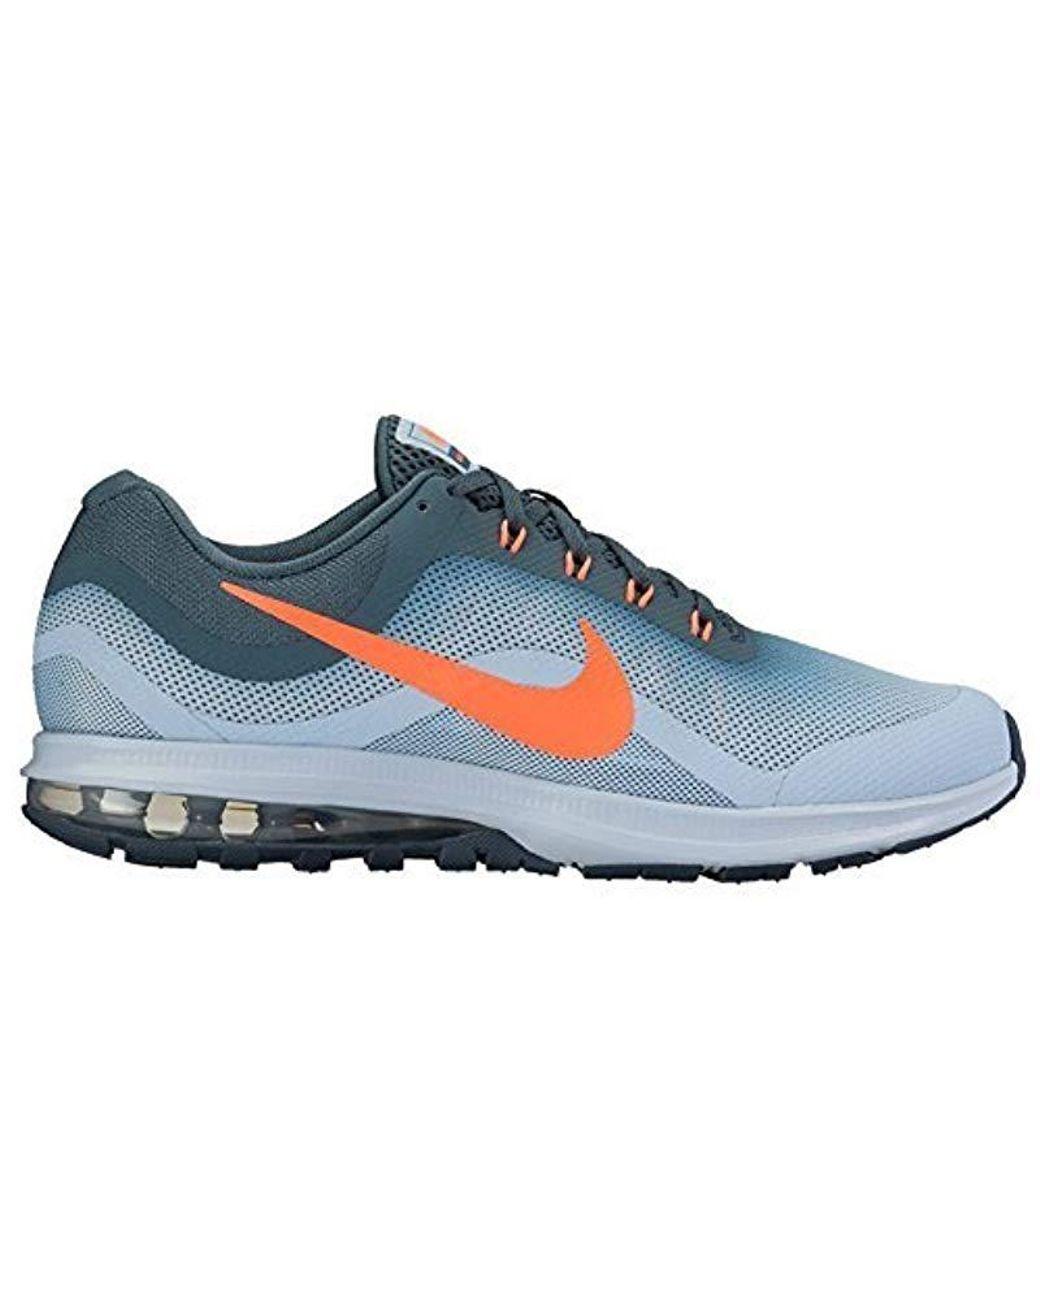 nike huarache ultra sale, Nike Air Max Dynasty 2